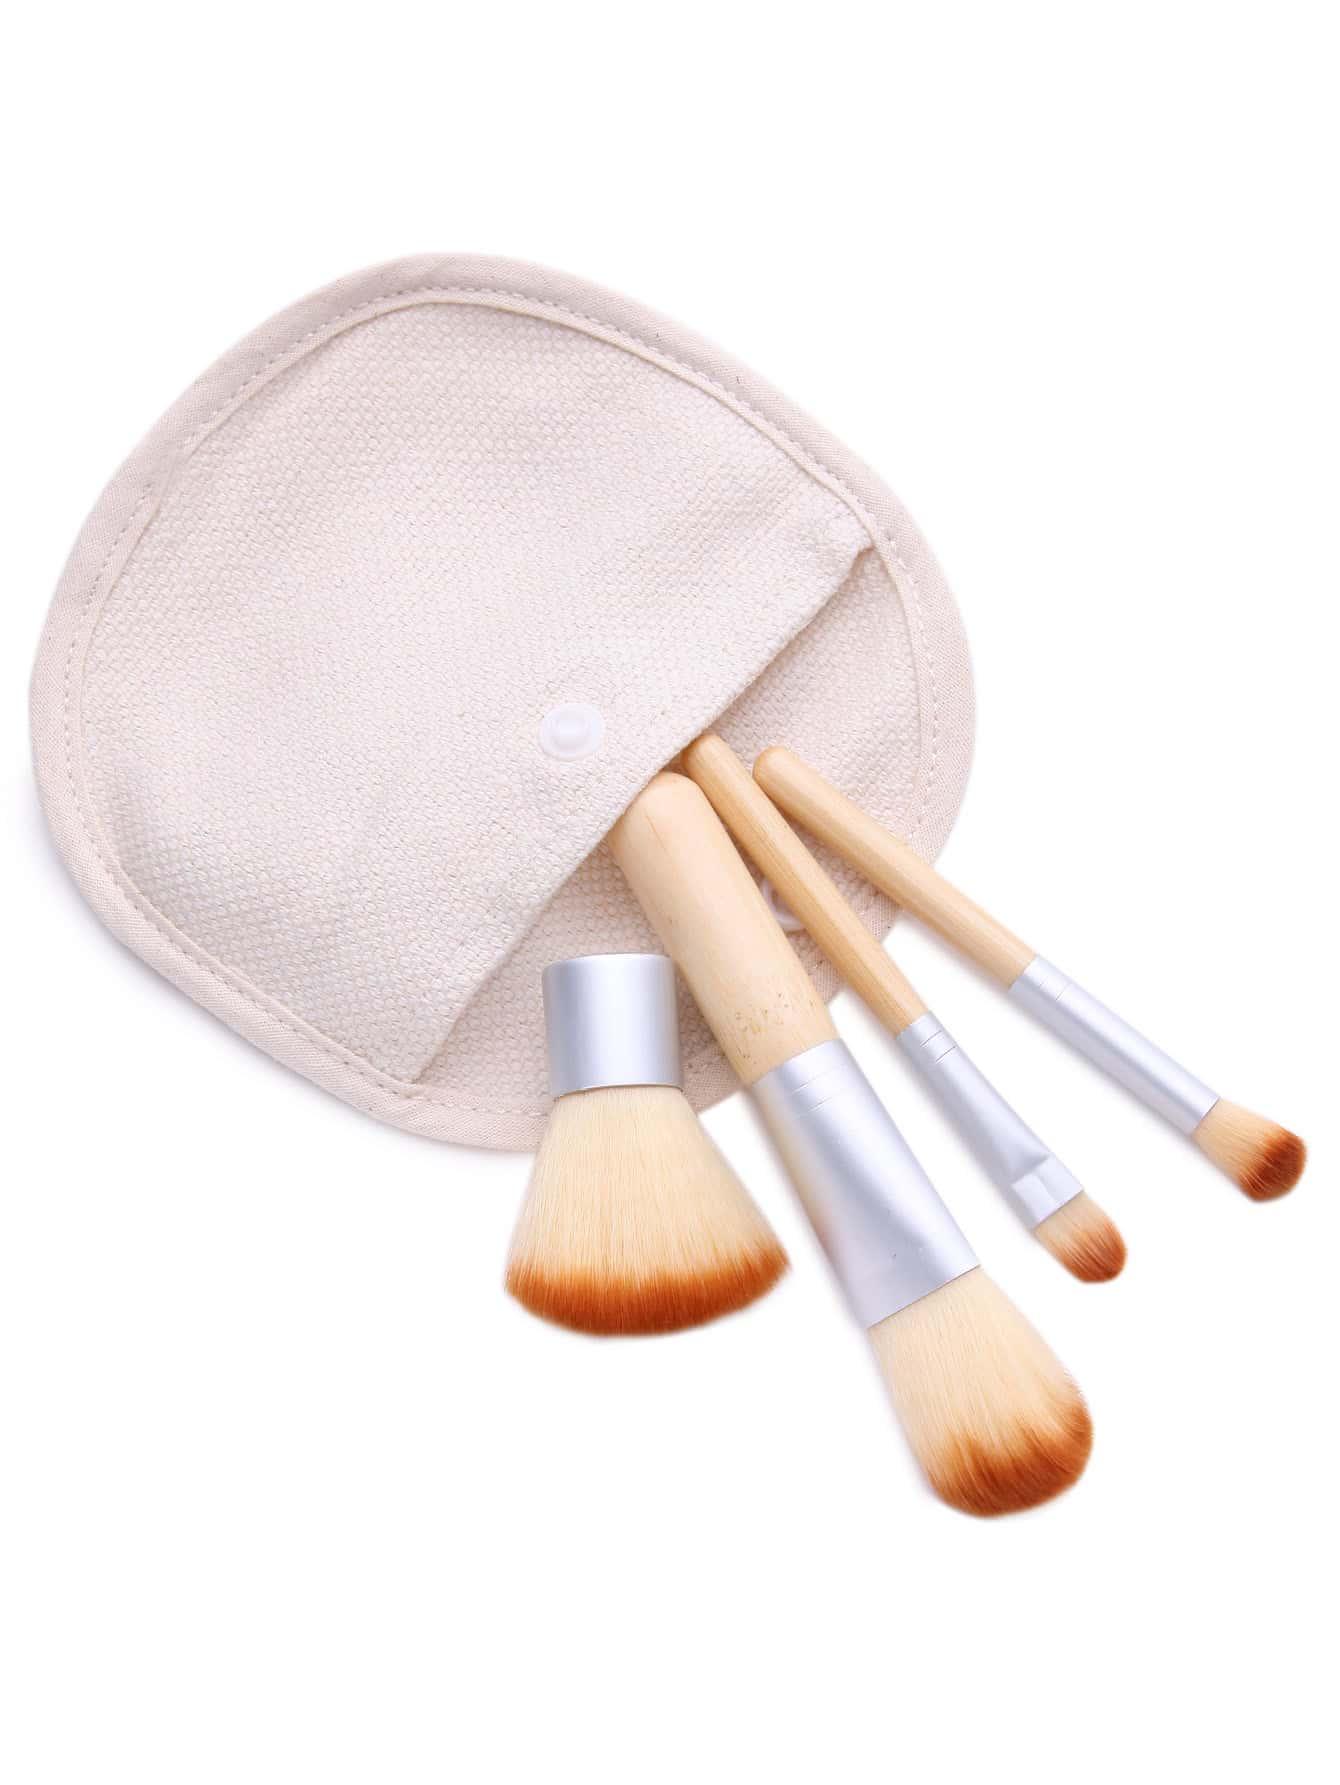 Фото 4PCS Bamboo Handle Makeup Brush Set With Canvas Bag. Купить с доставкой